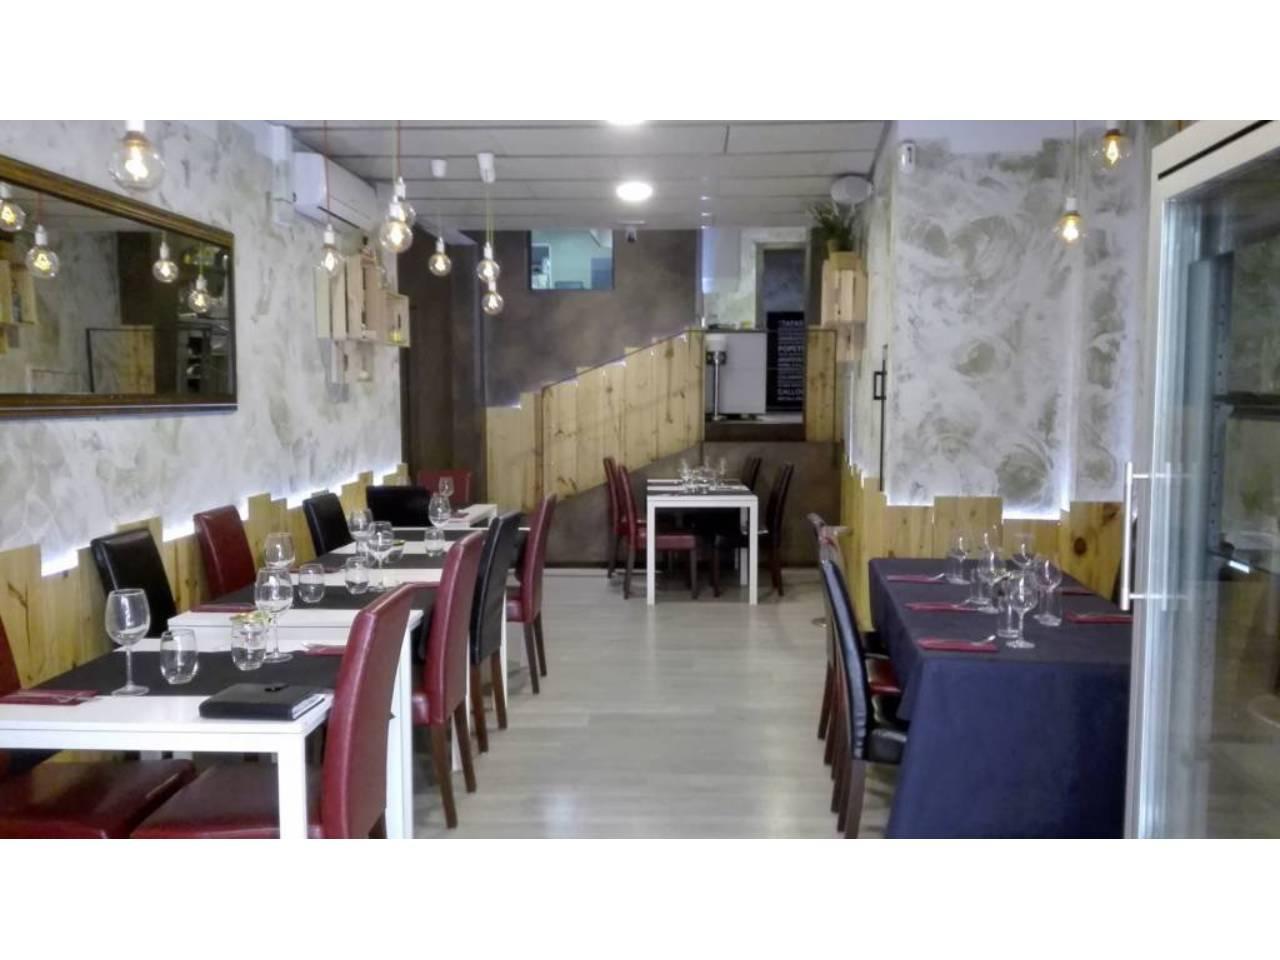 Traspaso Local Comercial  Calle moserol. Restaurante nuevo de 120 m2 en traspaso. comedor para 22 comens